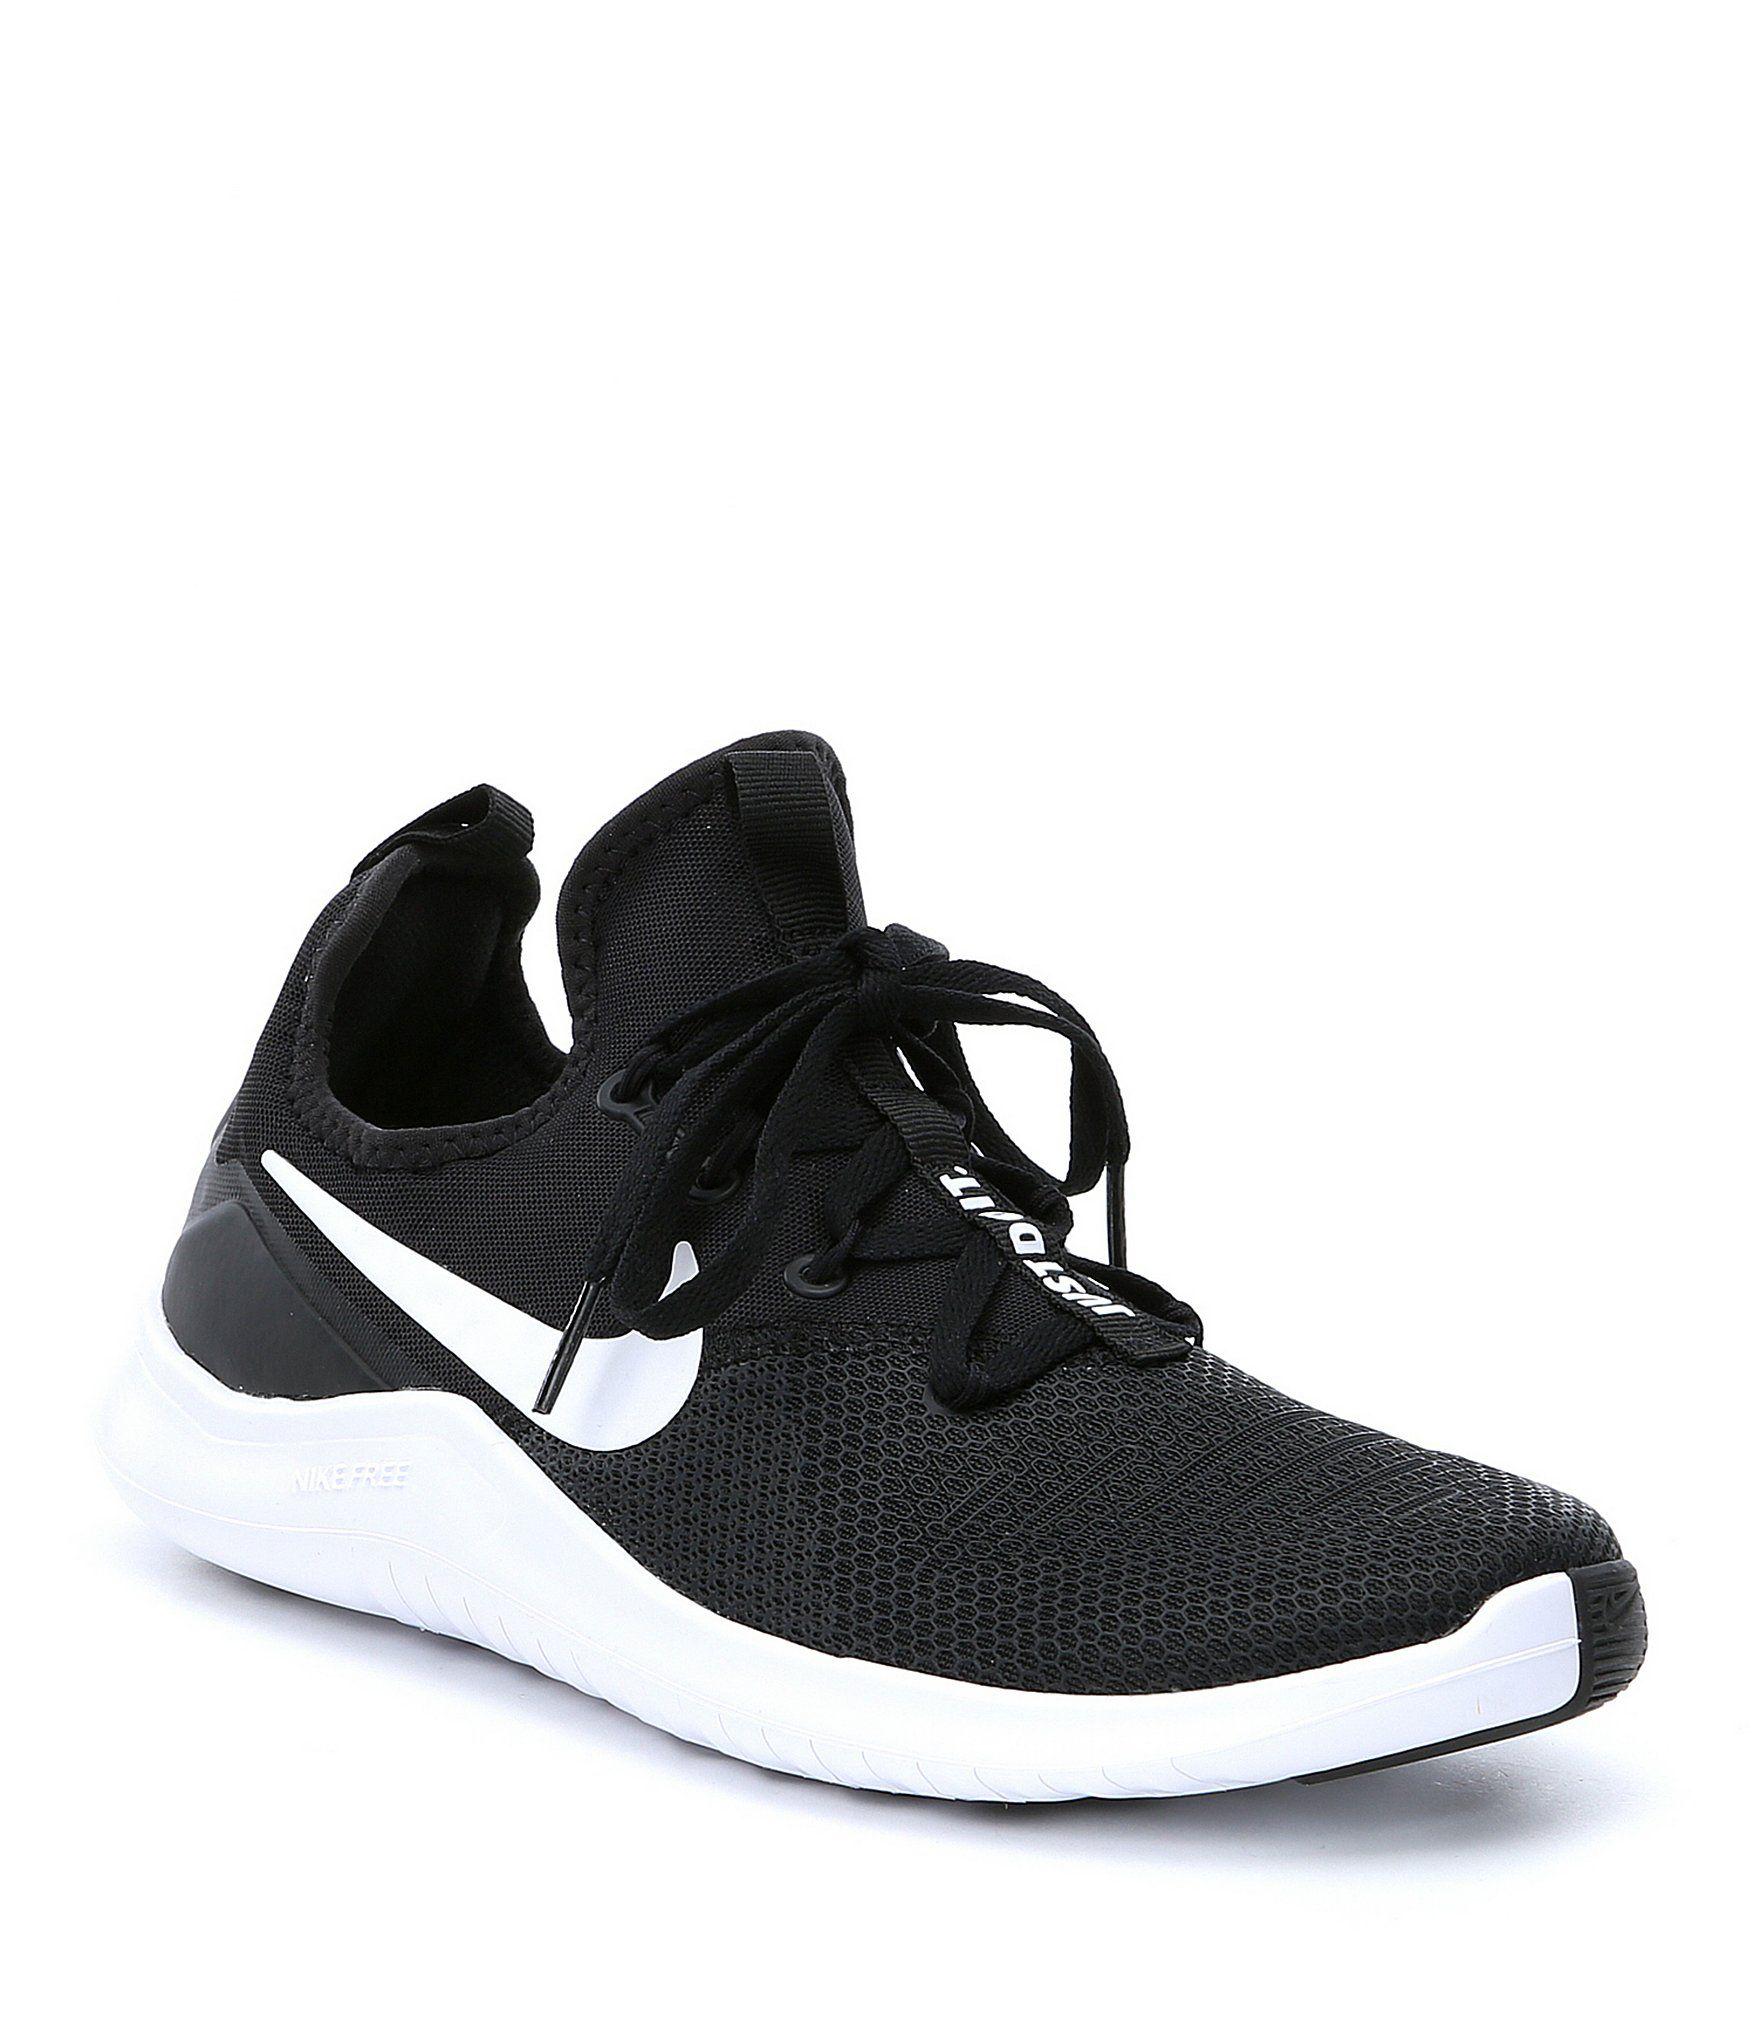 Nike Women's  Free TR 8 Training Shoes - Black/White 8.5M